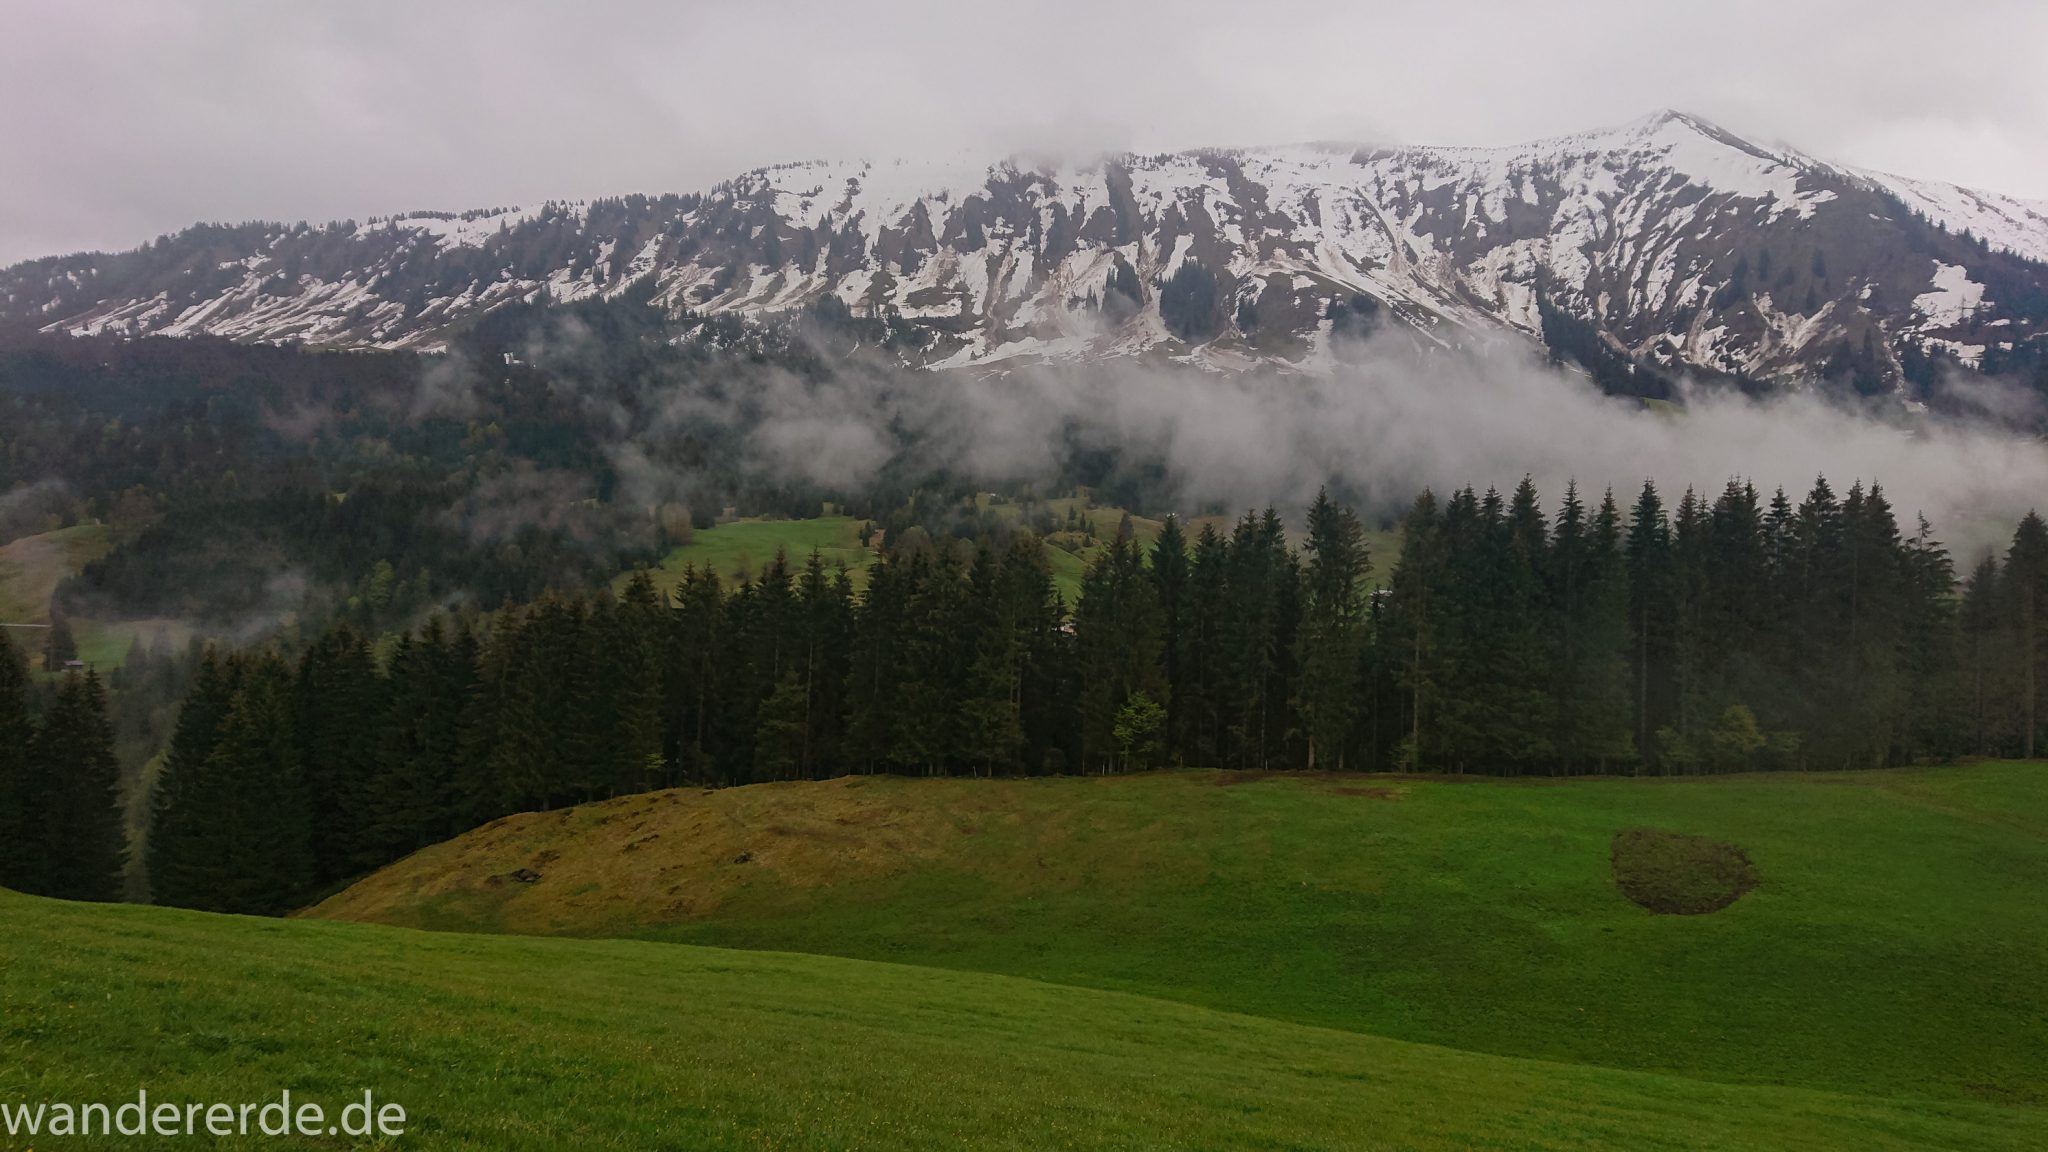 Wanderung bei der Breitachklamm im Allgäu, schöner Wald, saftige Wiesen, Wanderweg zum Waldhaus, Aussicht auf schneebedeckte Berge